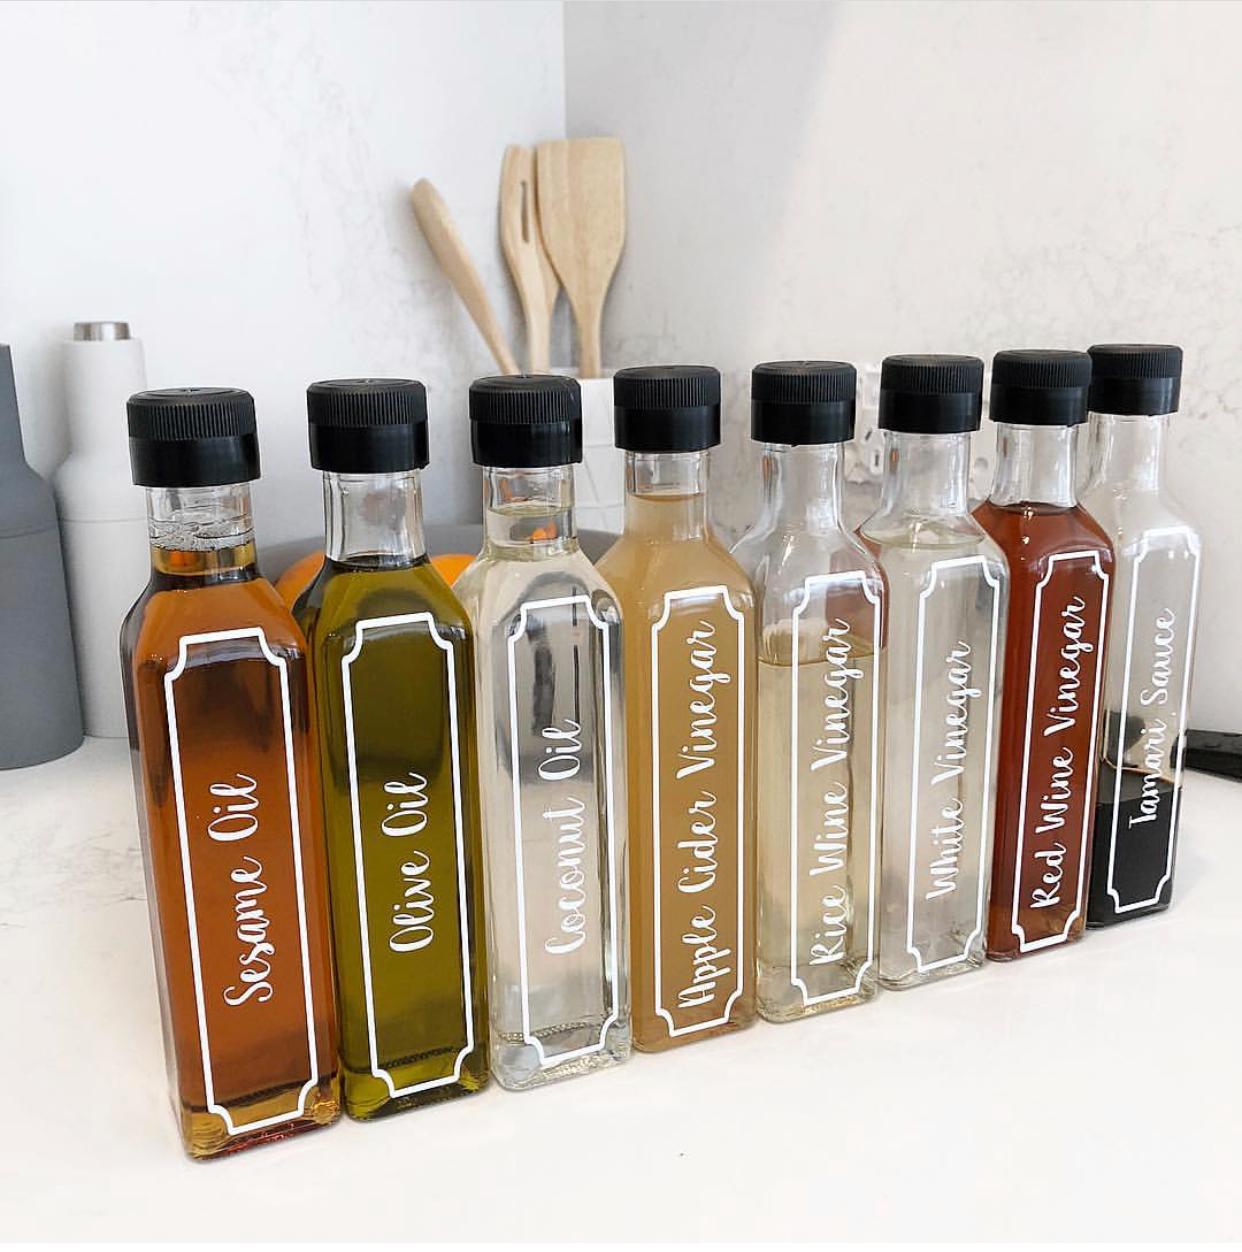 labelled oil and vinegar bottles